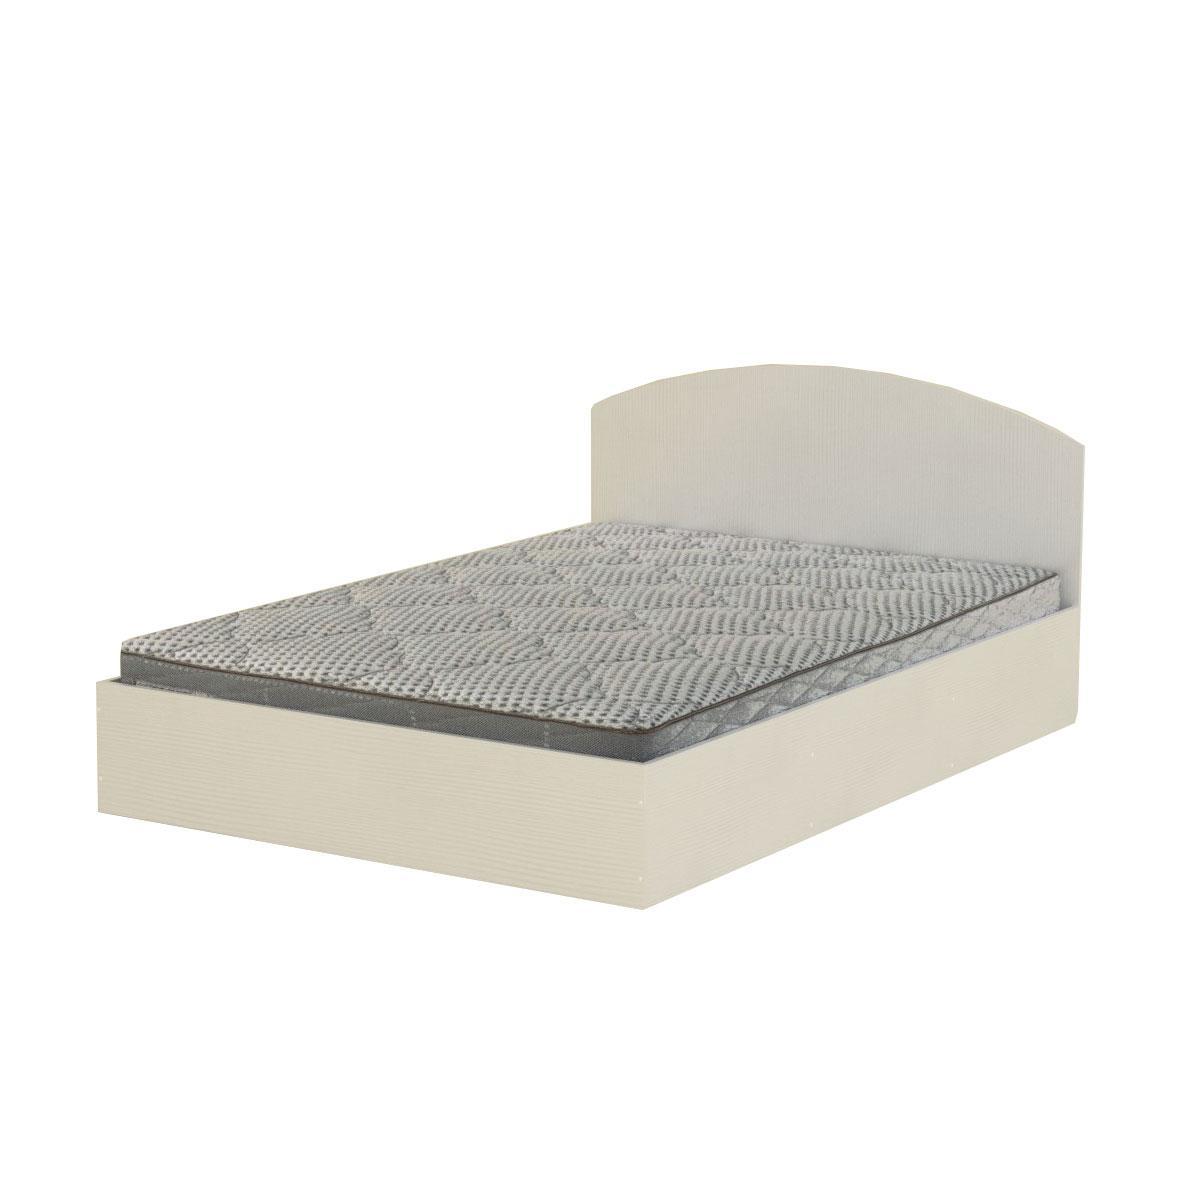 Кровать 140 нимфея альба (белый) Компанит (144х202х75 см)